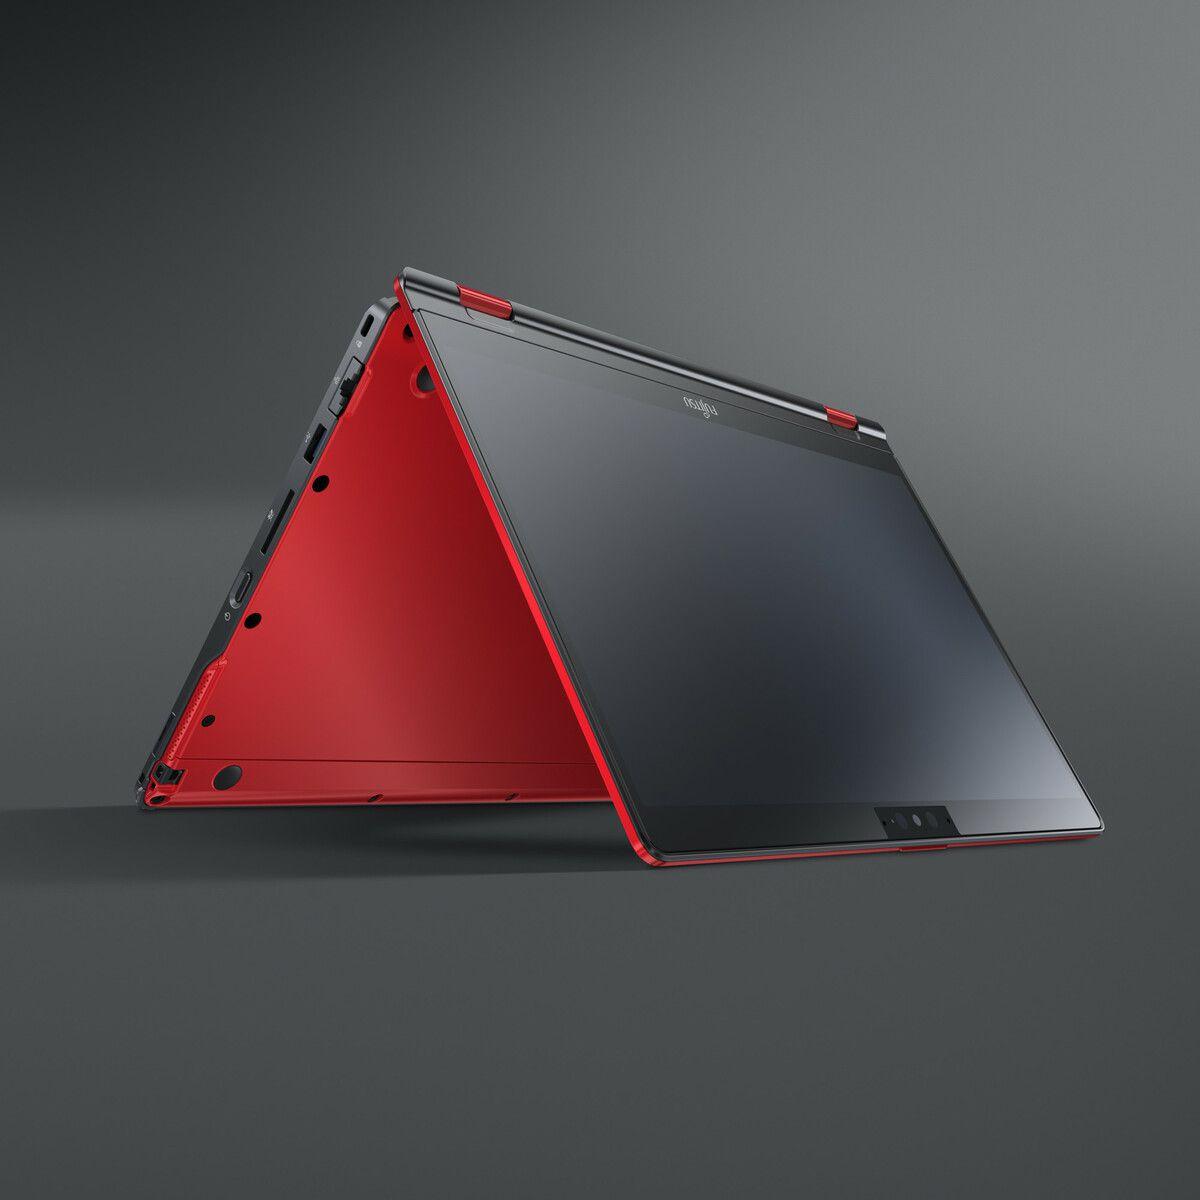 lifebook u9310x red